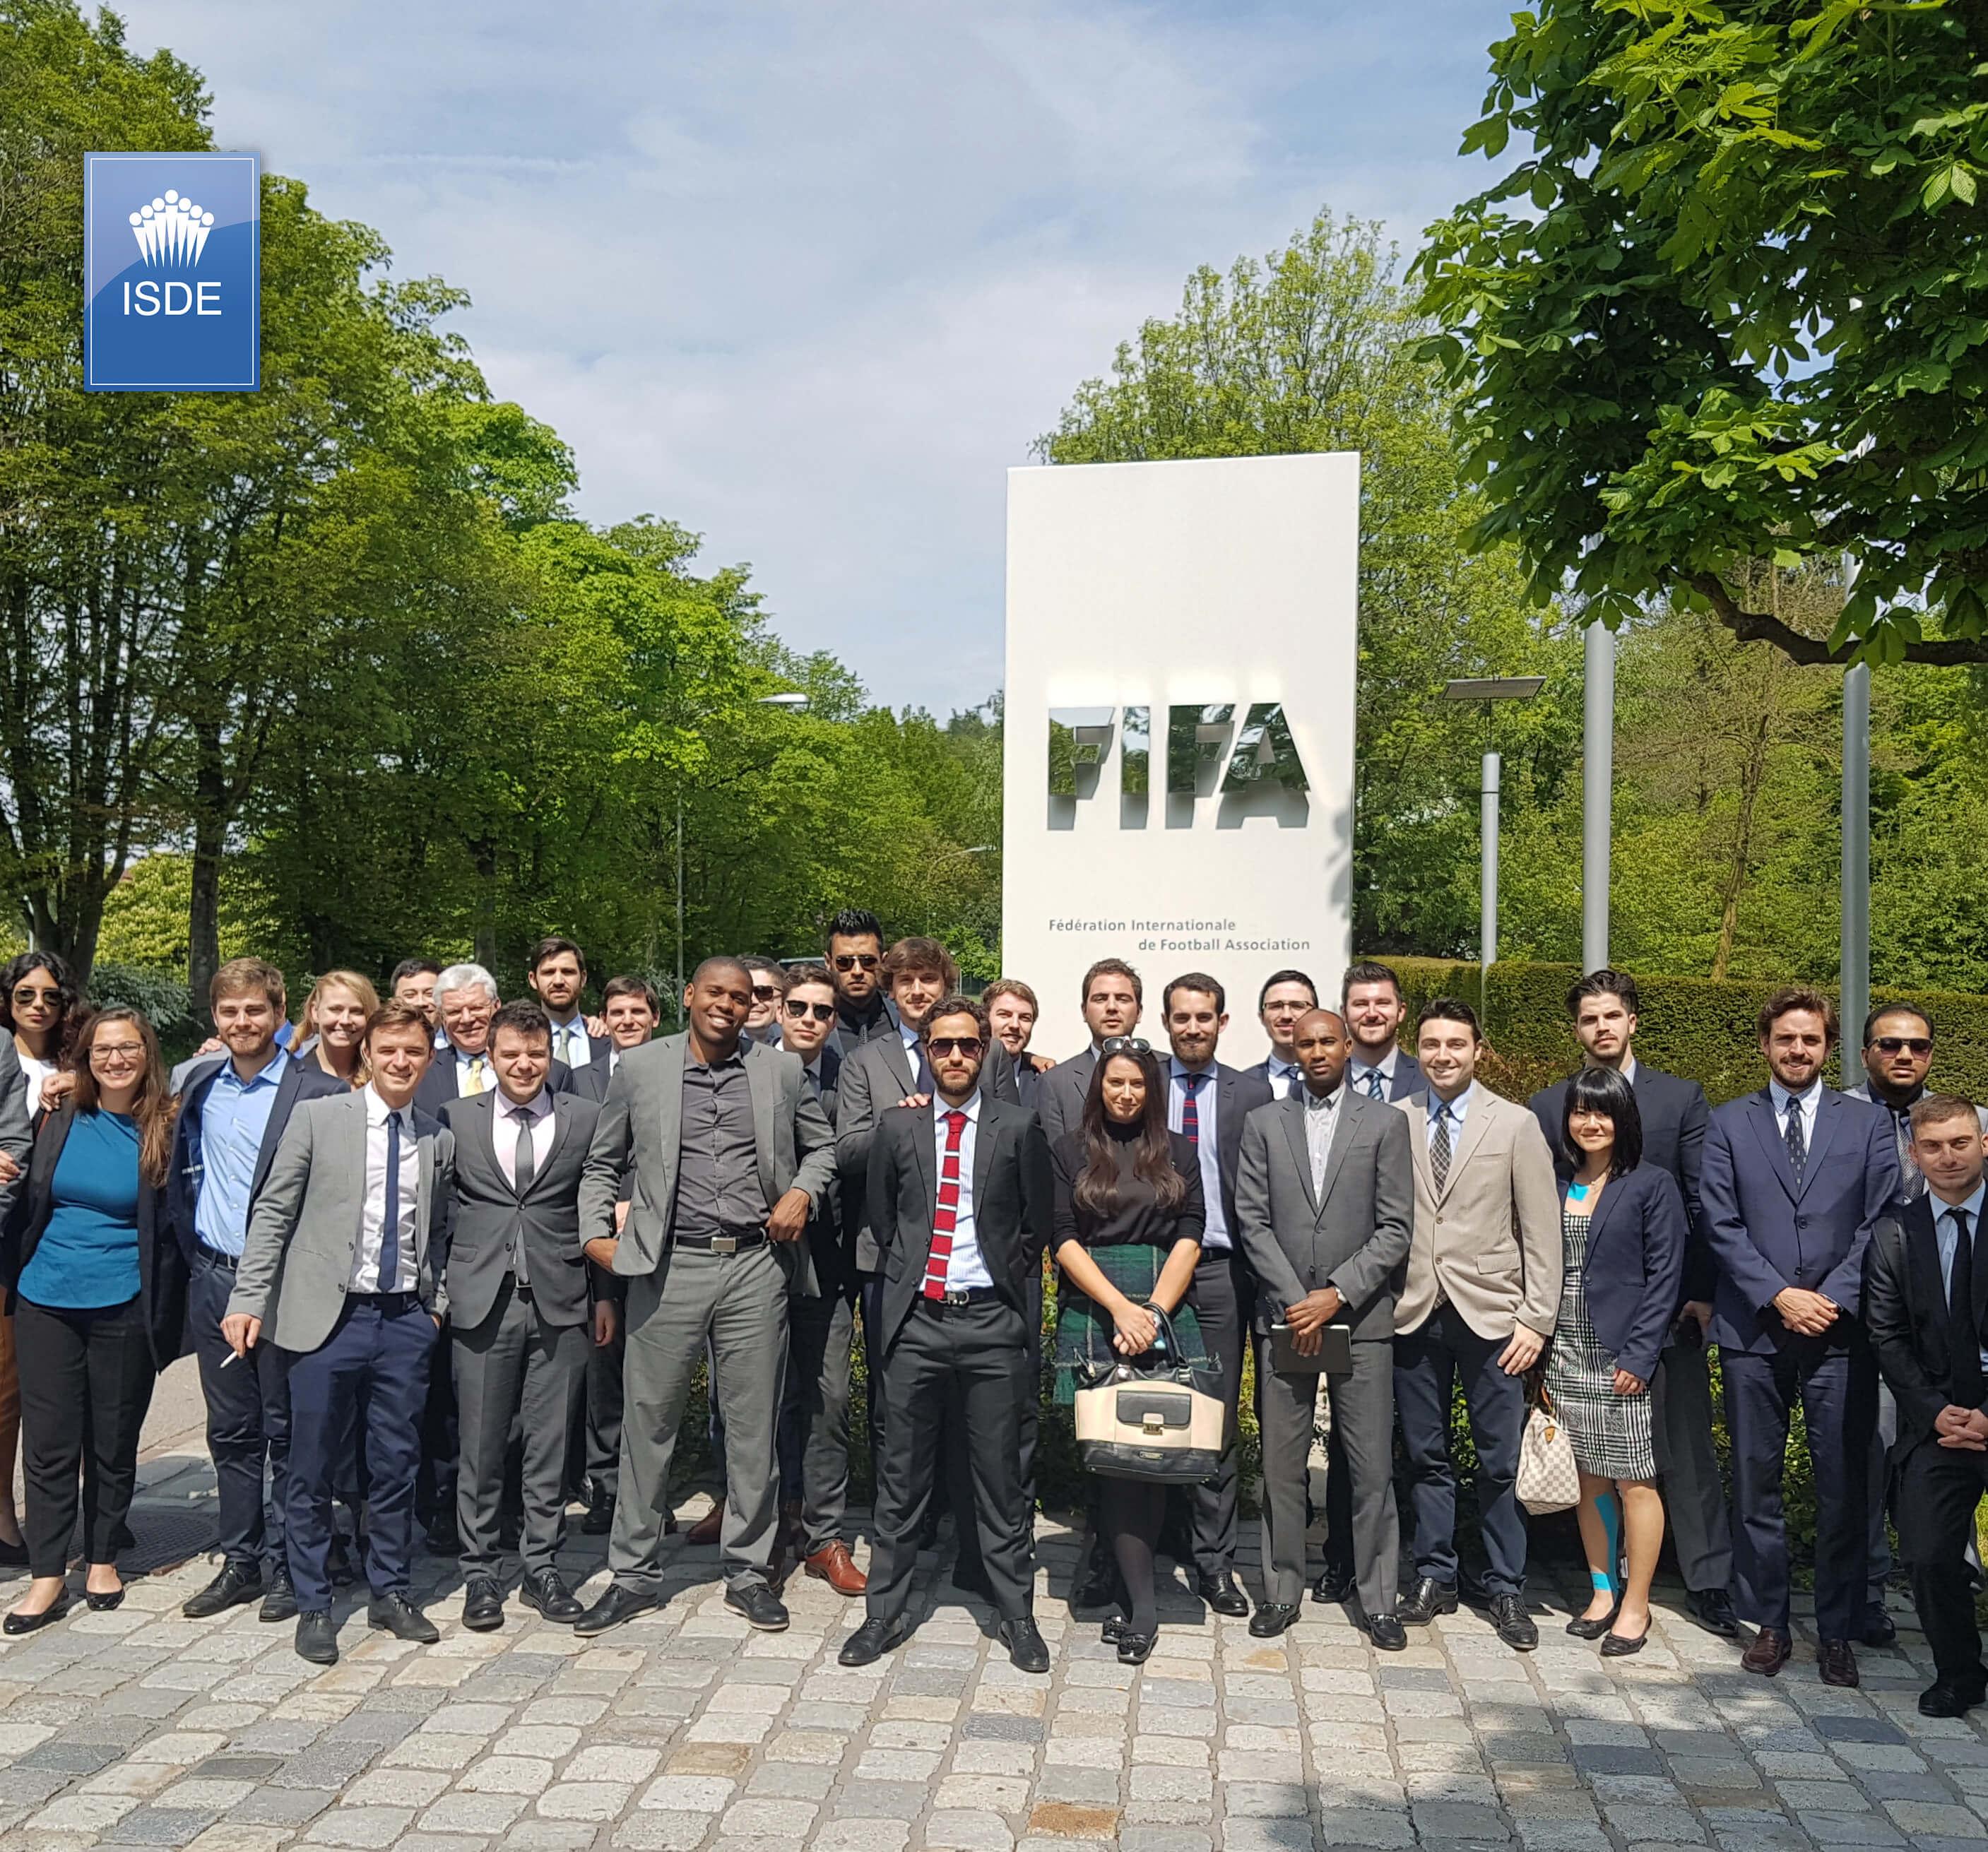 fifa. foto de grupo en la entrada principal copy